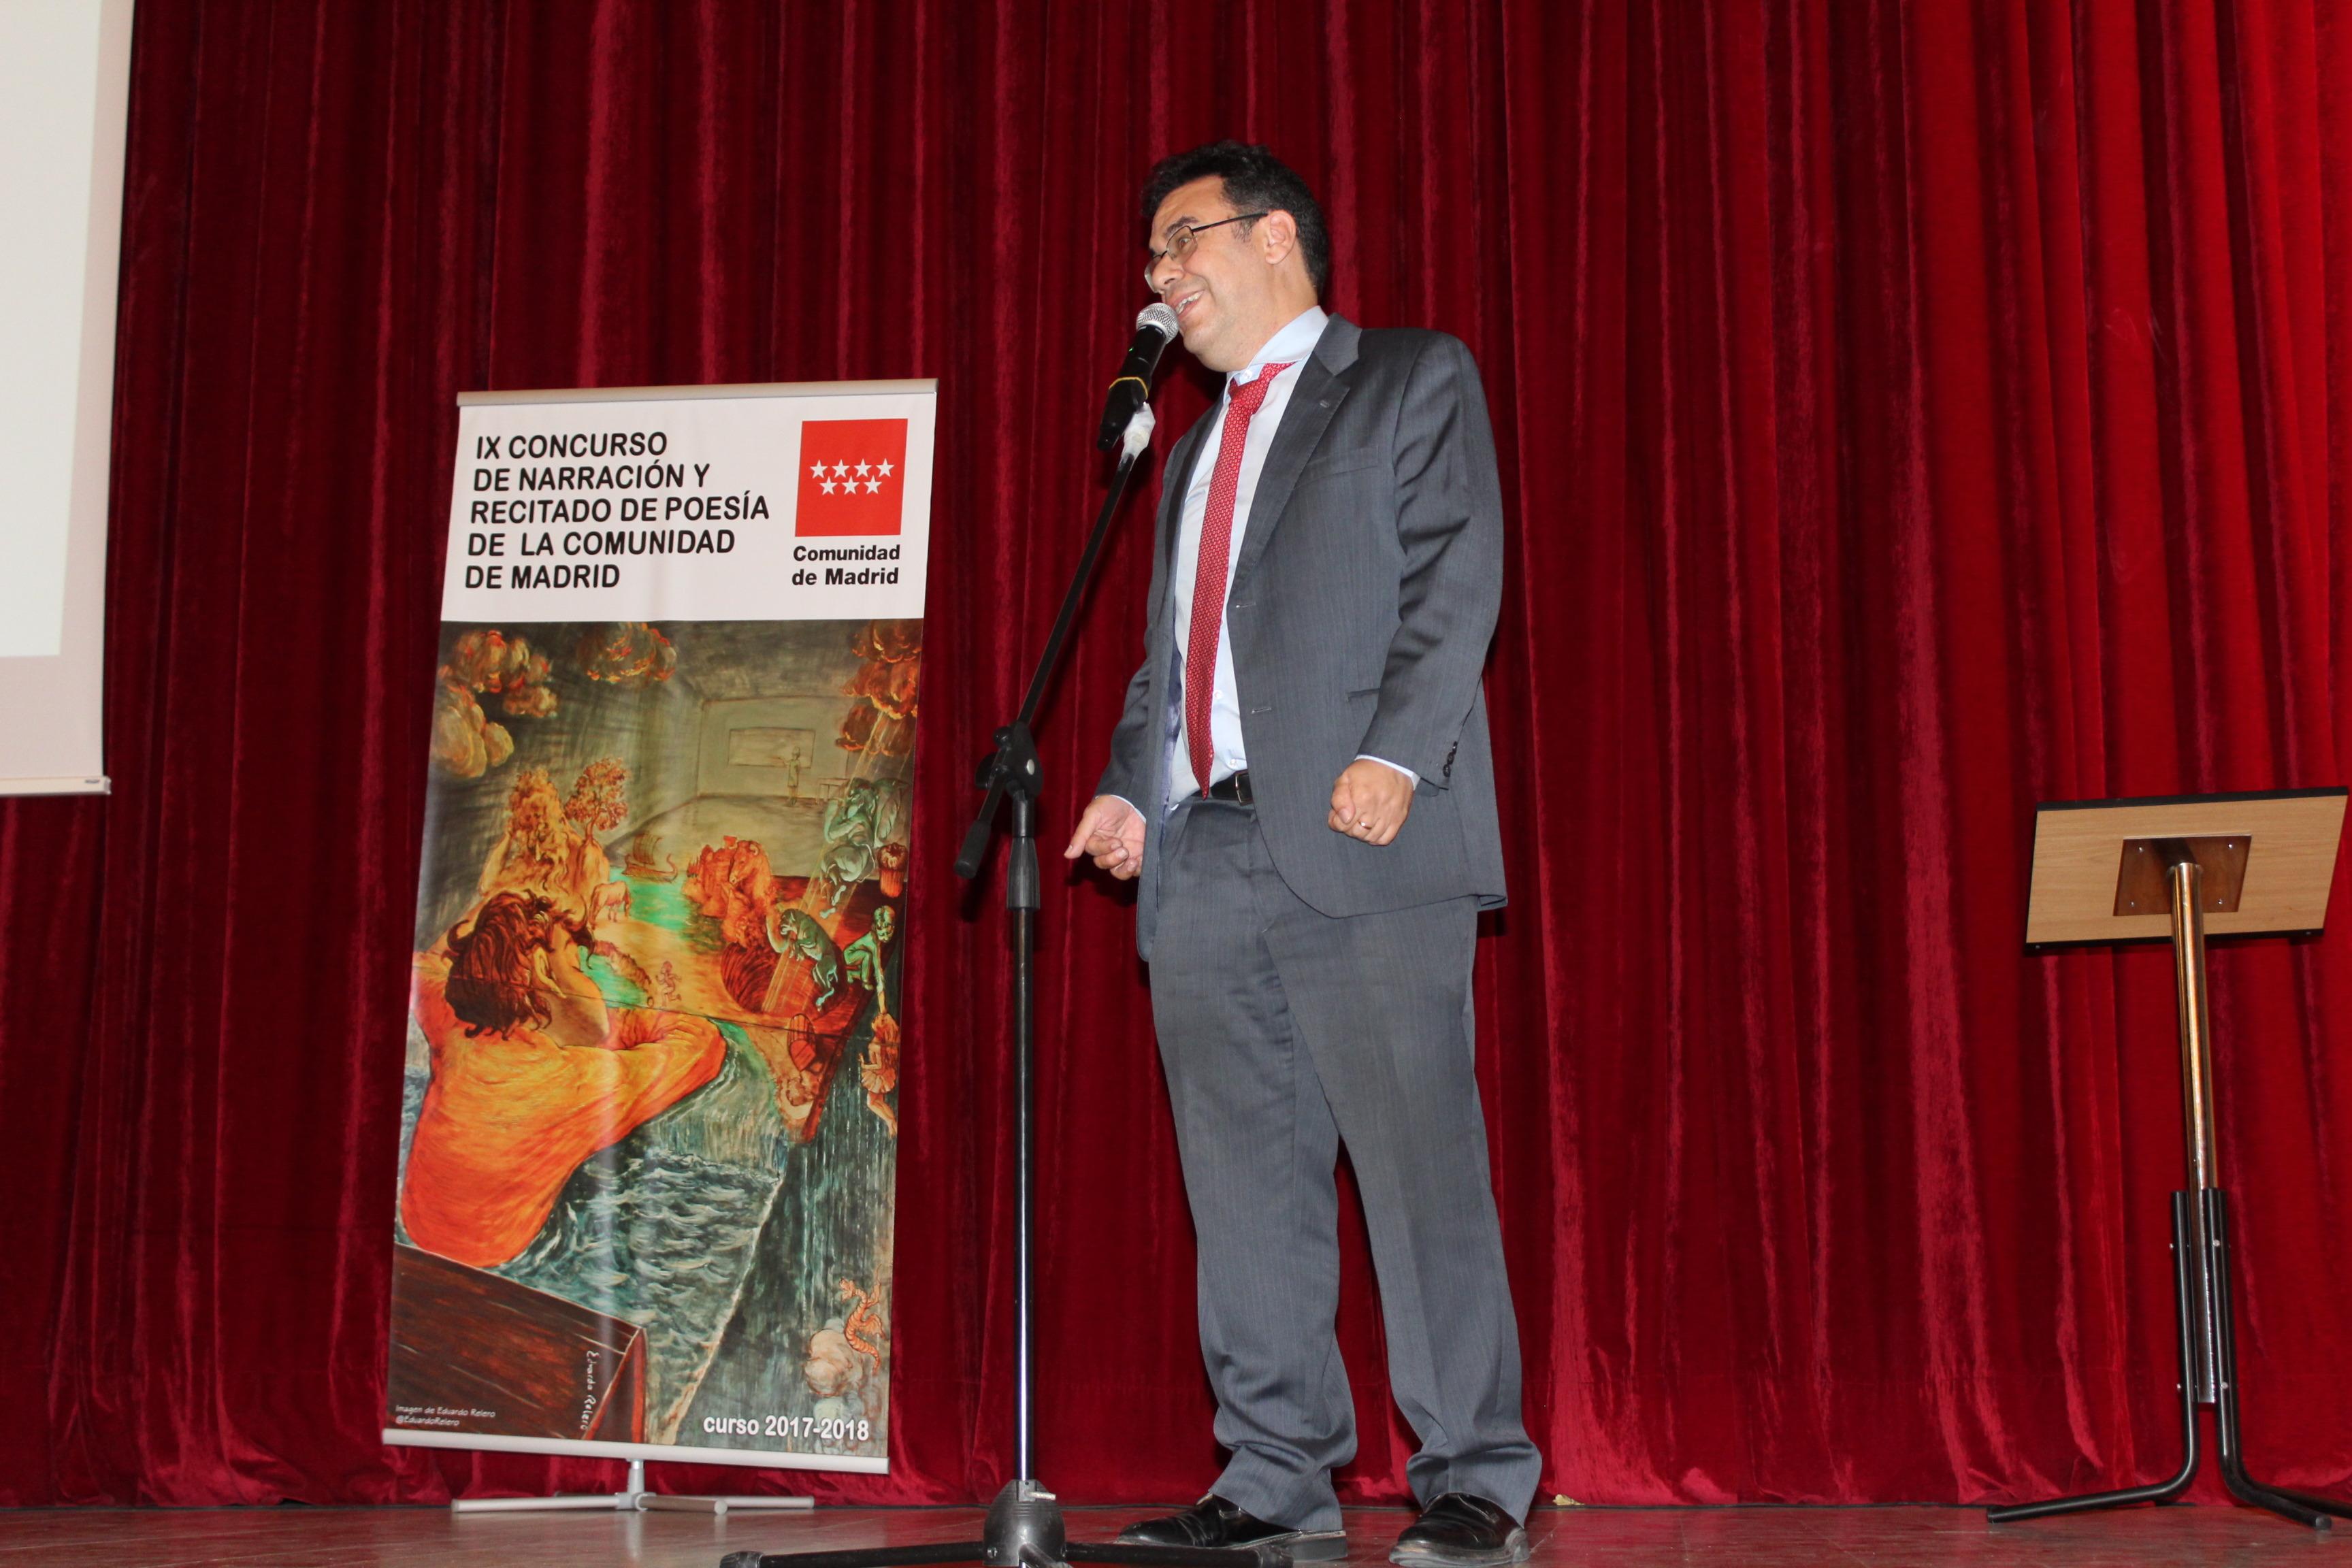 Entrega de los premios del IX Concurso de Narración y Recitado de Poesía 46